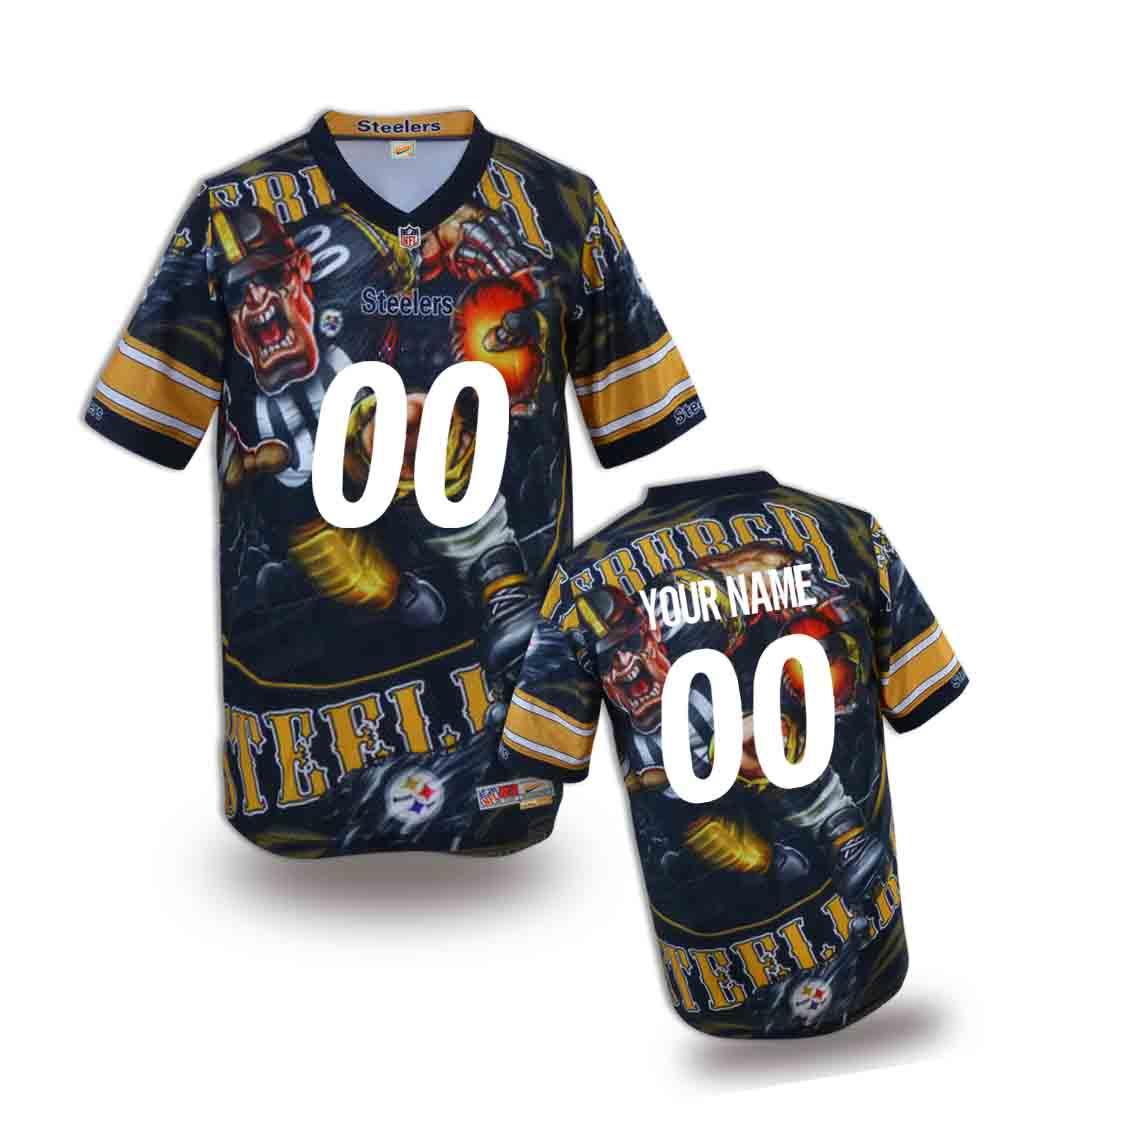 Nike Steelers Customized Fashion Stitched Youth Jerseys01